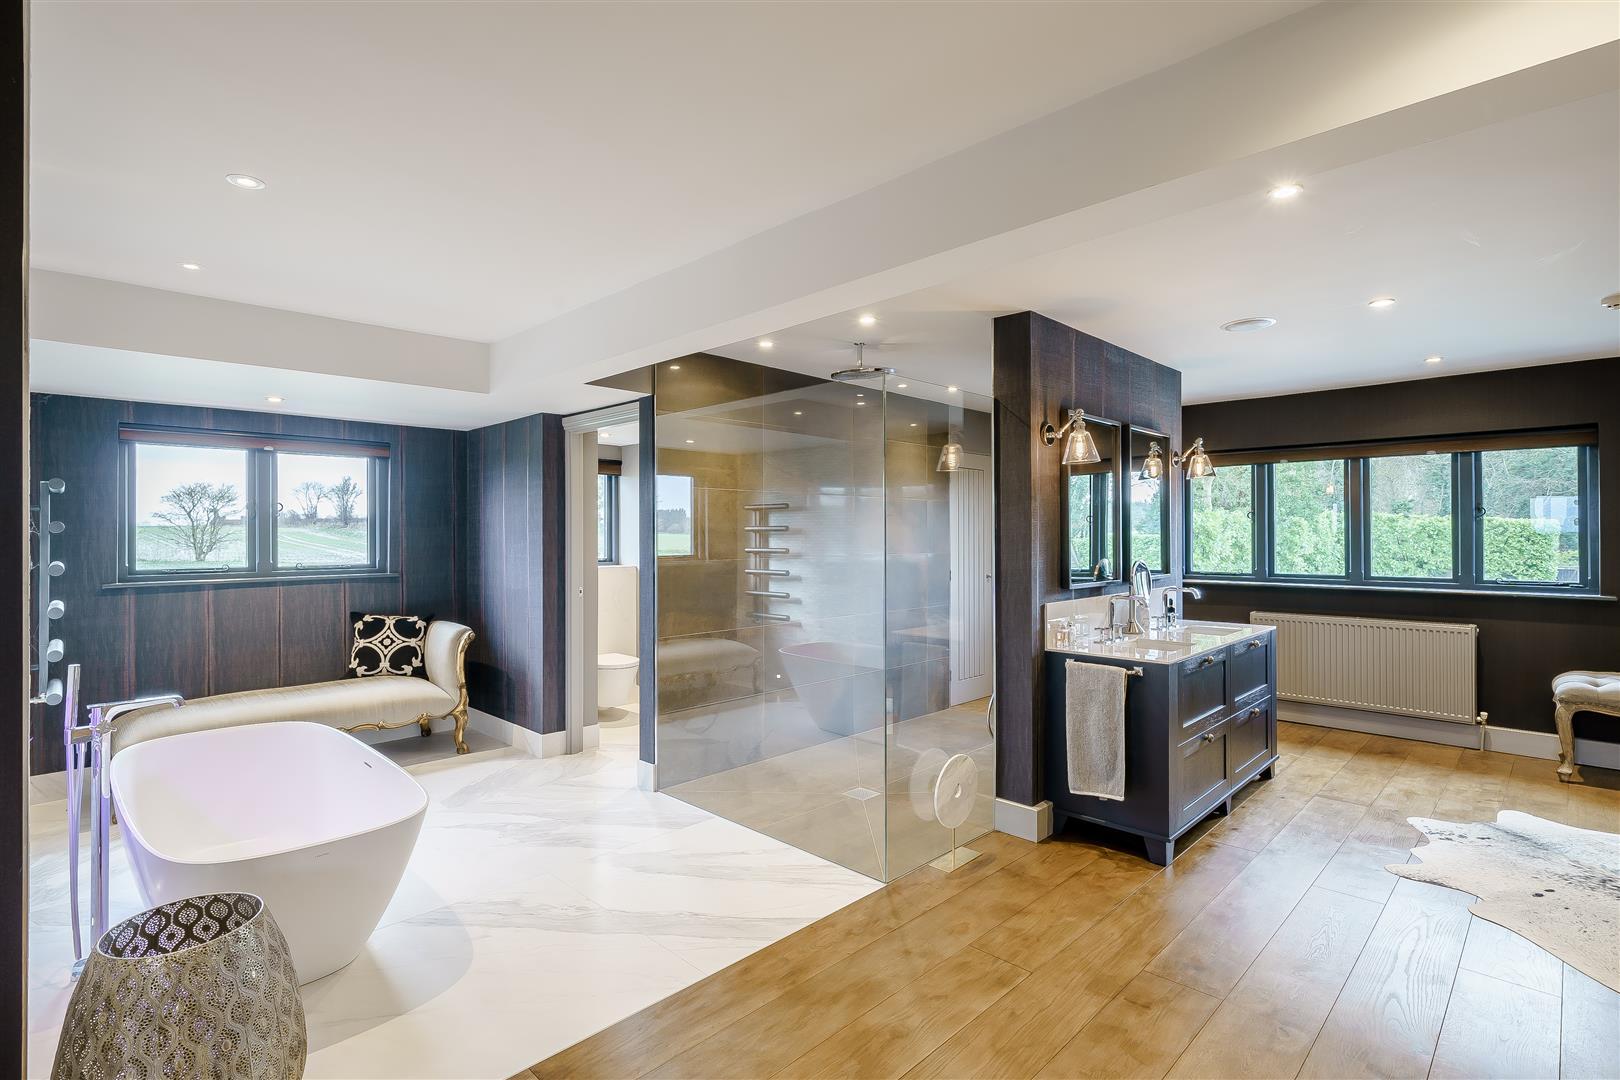 Rowstock Manor - Gallery Image 17 - Principal Bathroom